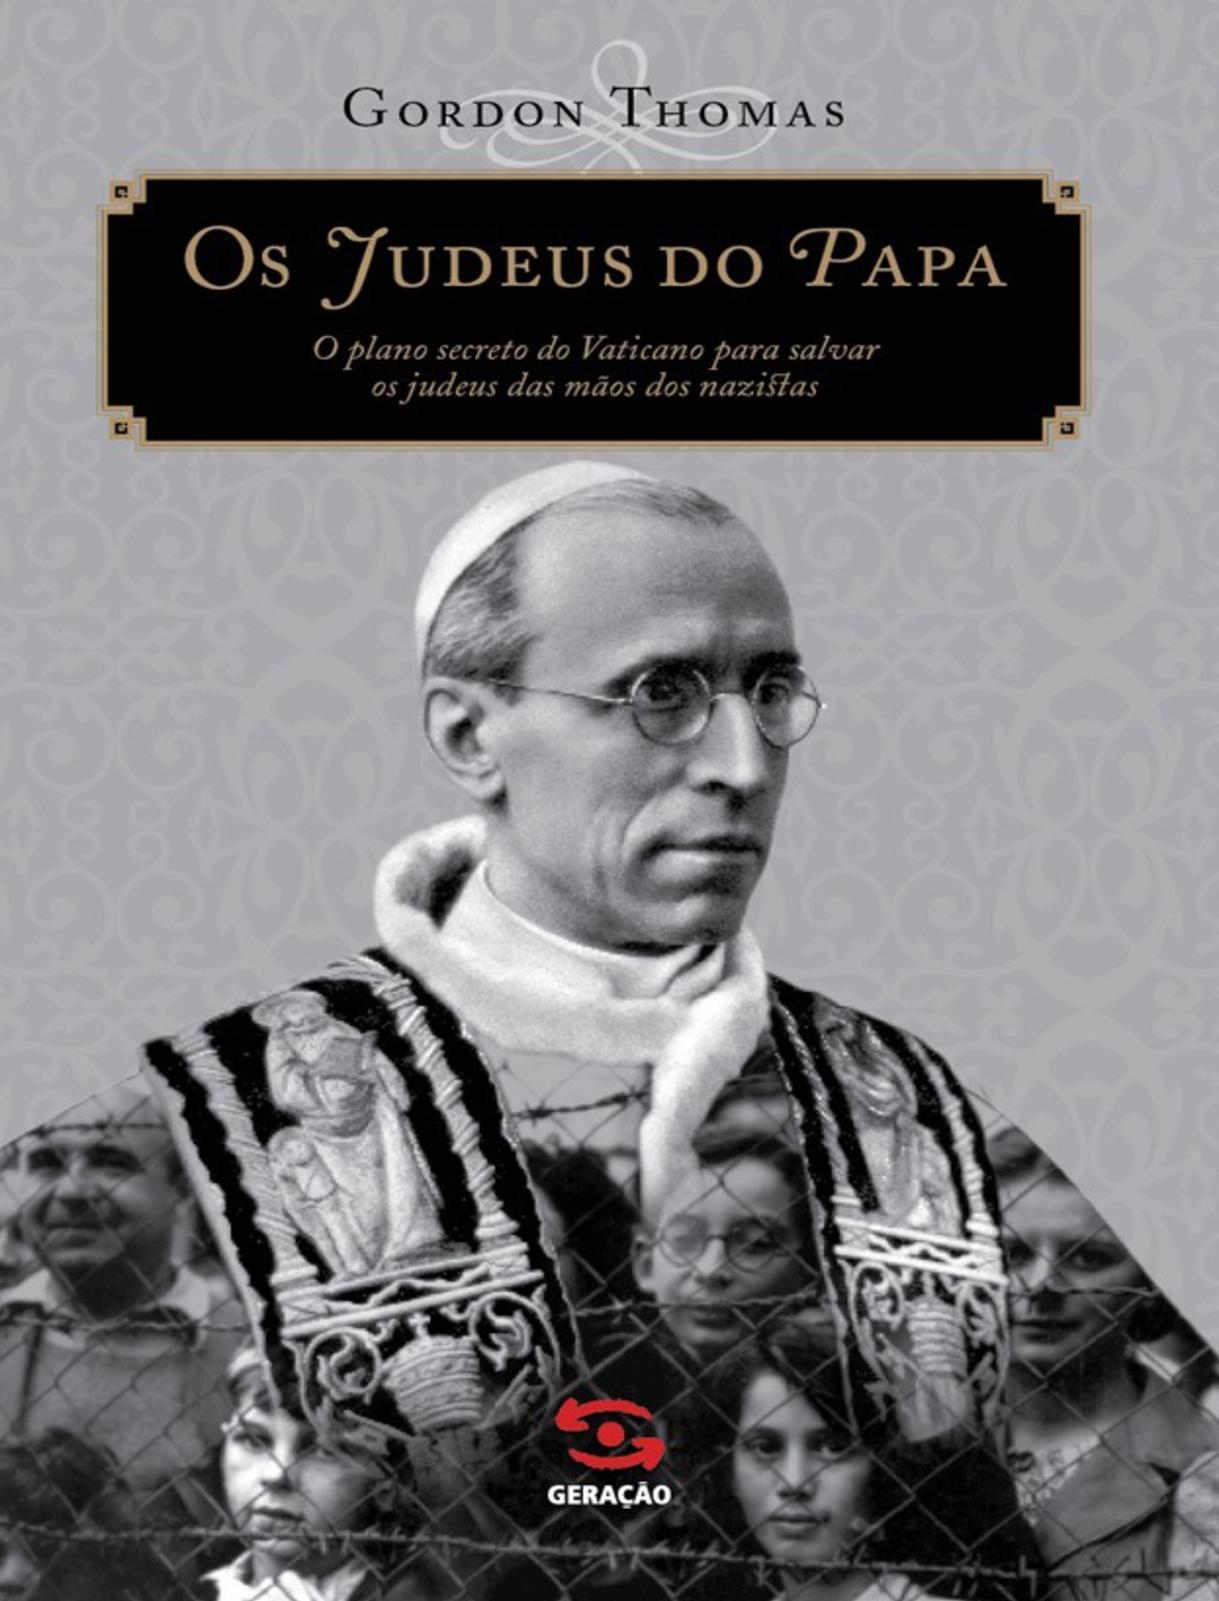 Calaméo - Os Judeus Do Papa - Gordon Thomas 05a3b2124a3